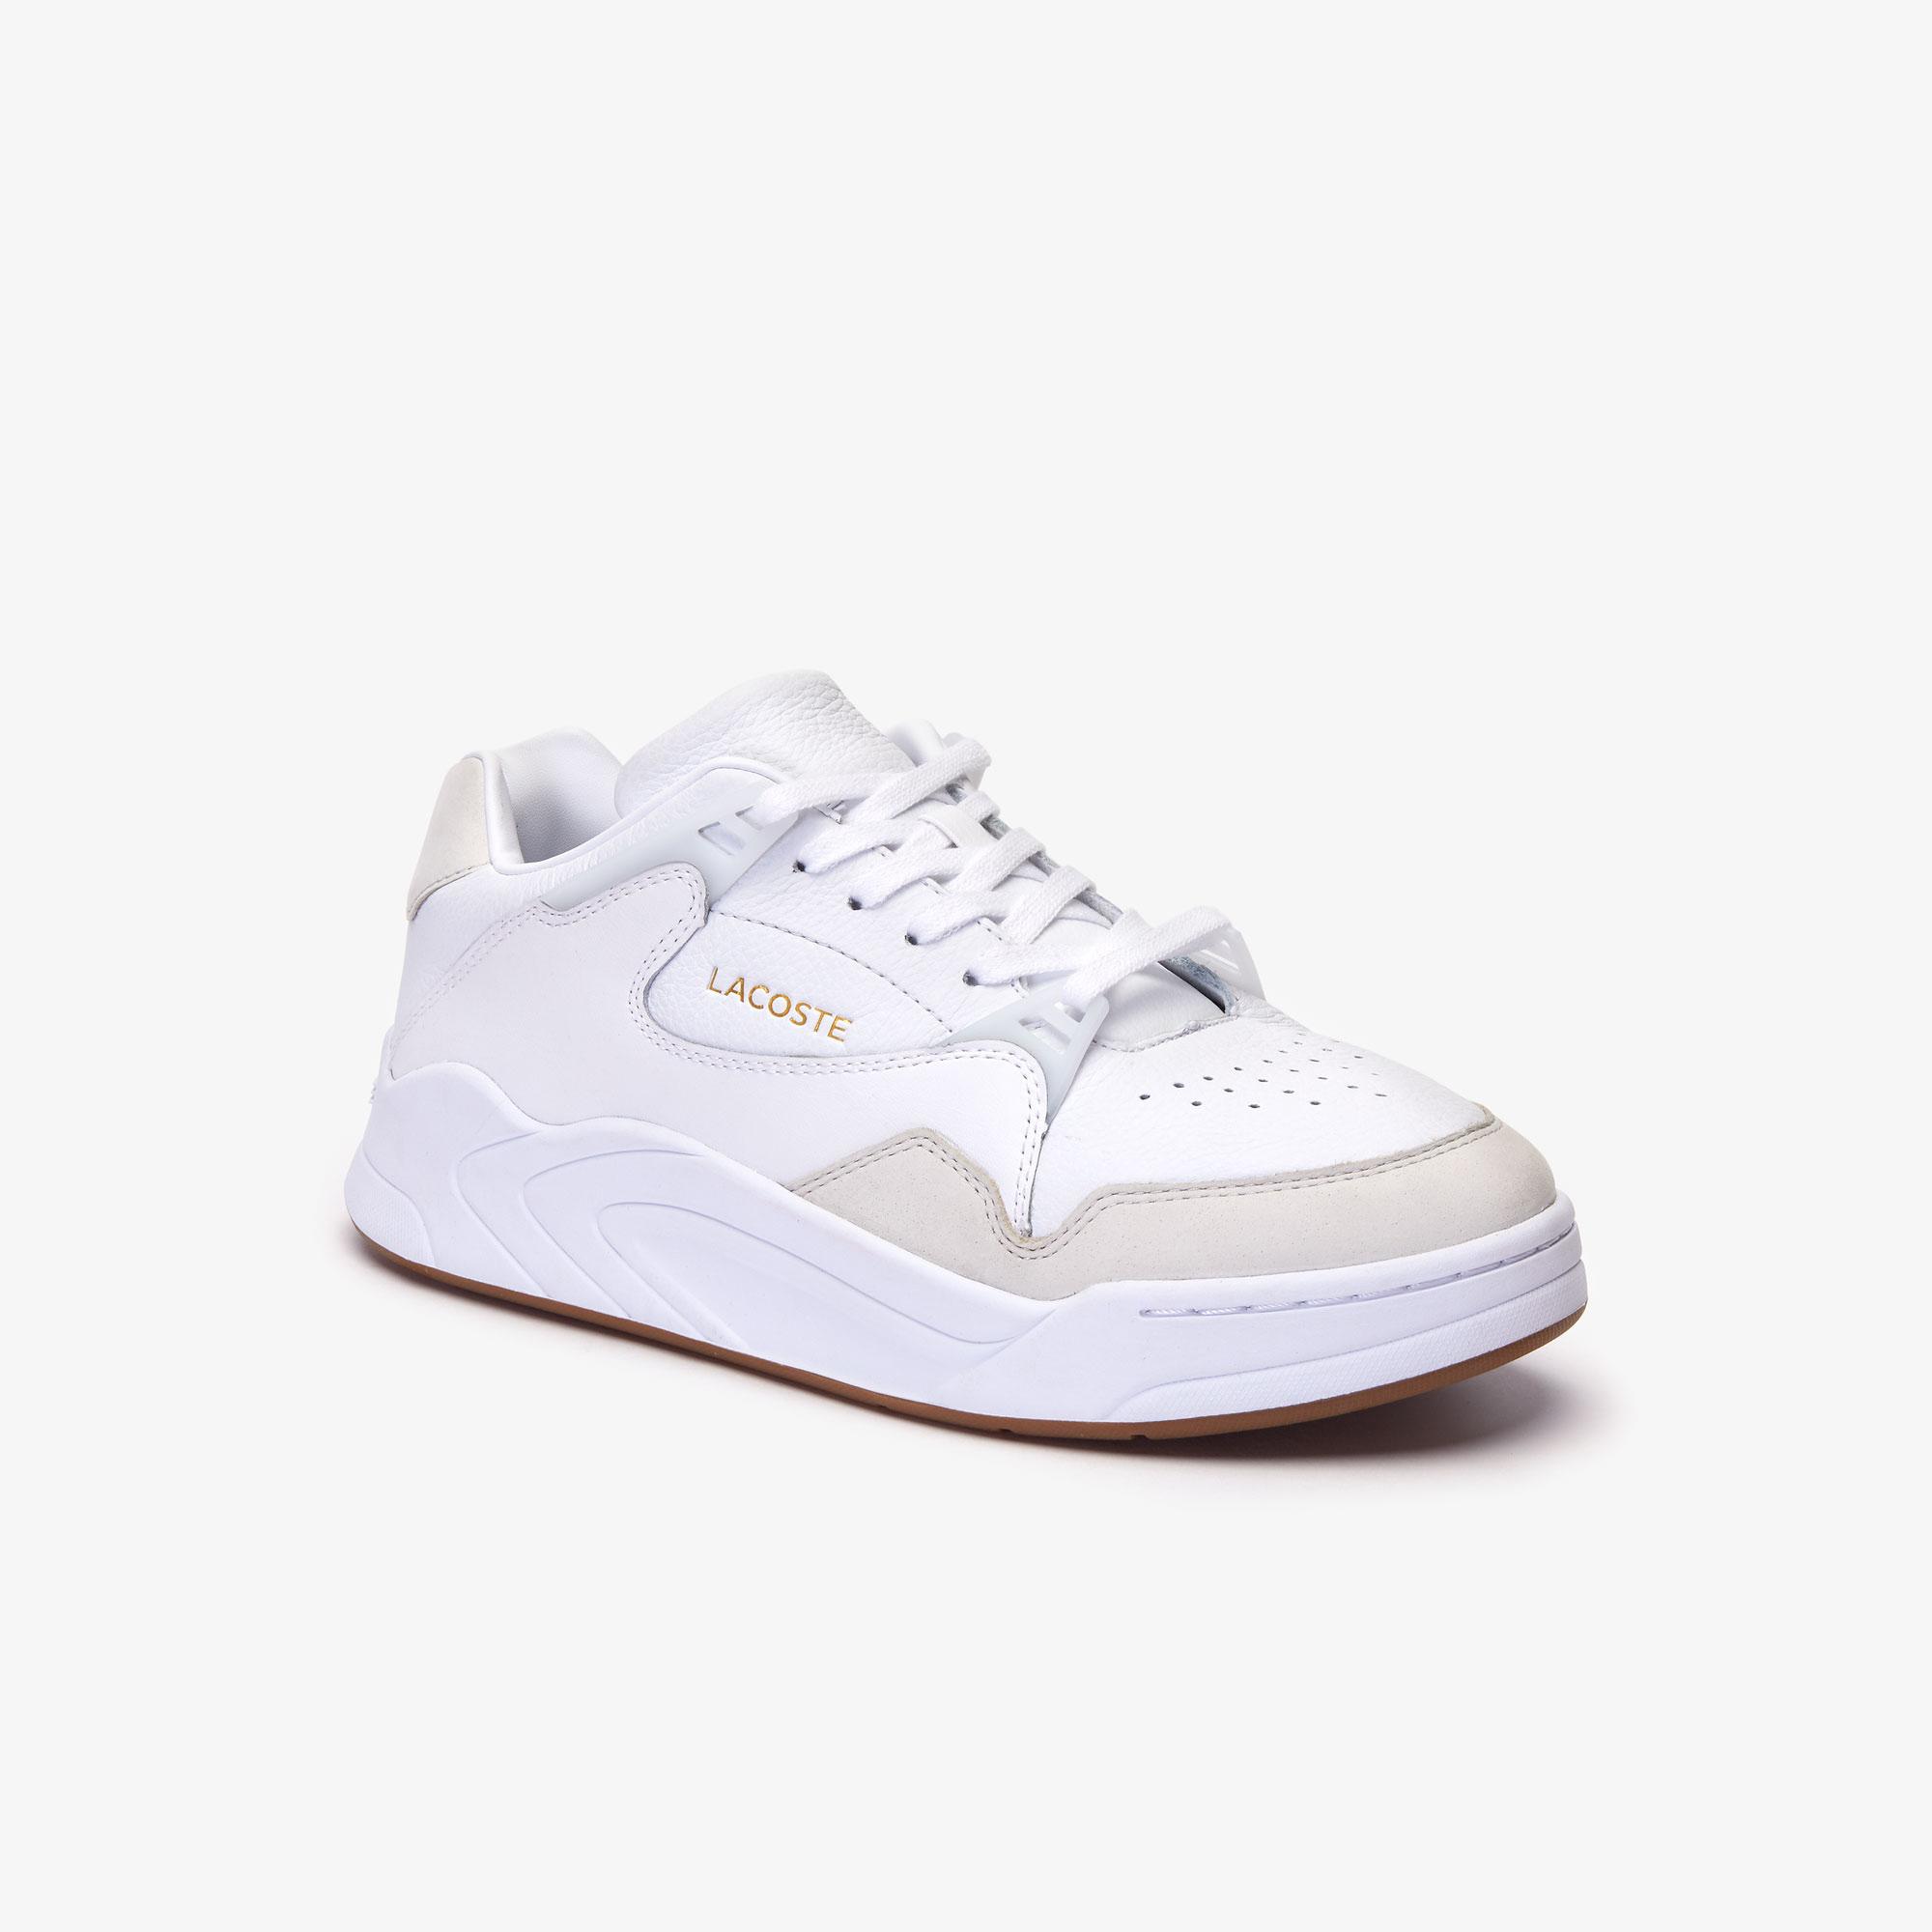 Lacoste Court Slam 319 1 Sma Sneakers Męskie Skórzane Biało-Szare